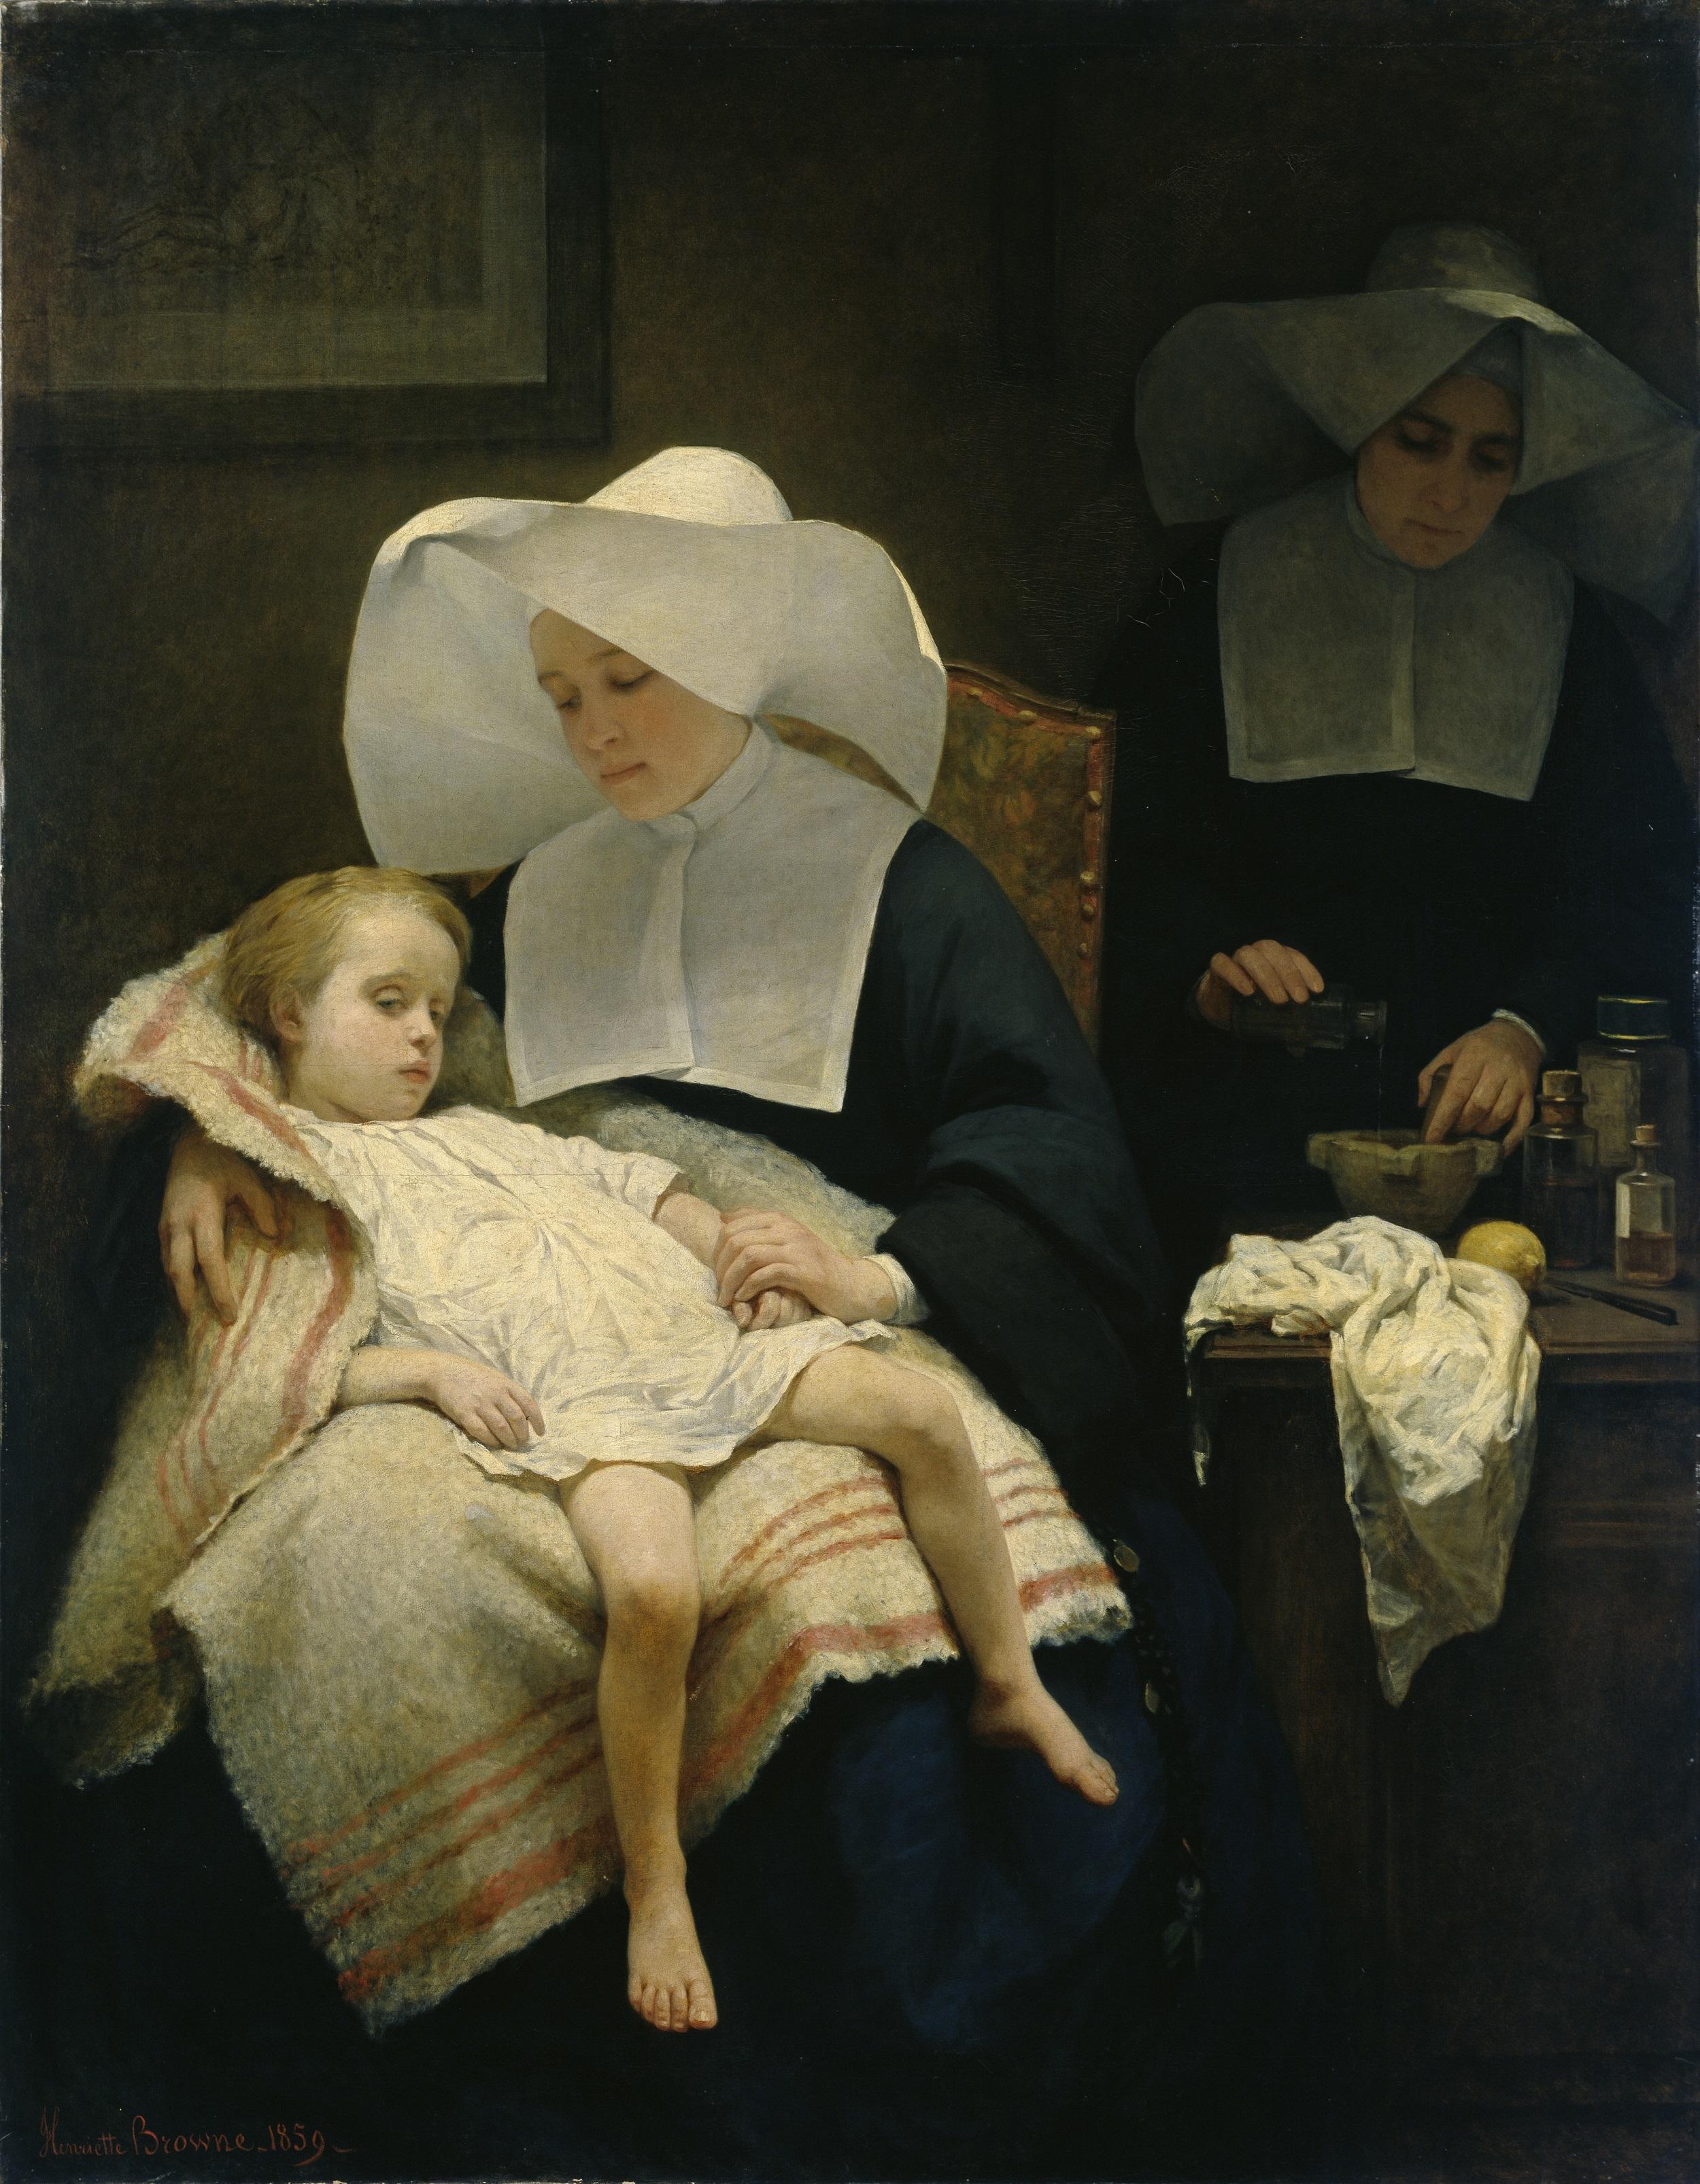 Henriette Browne, Die barmherzigen Schwestern, 1859,© Hamburger Kunsthalle / bpk Foto: Elke Walford